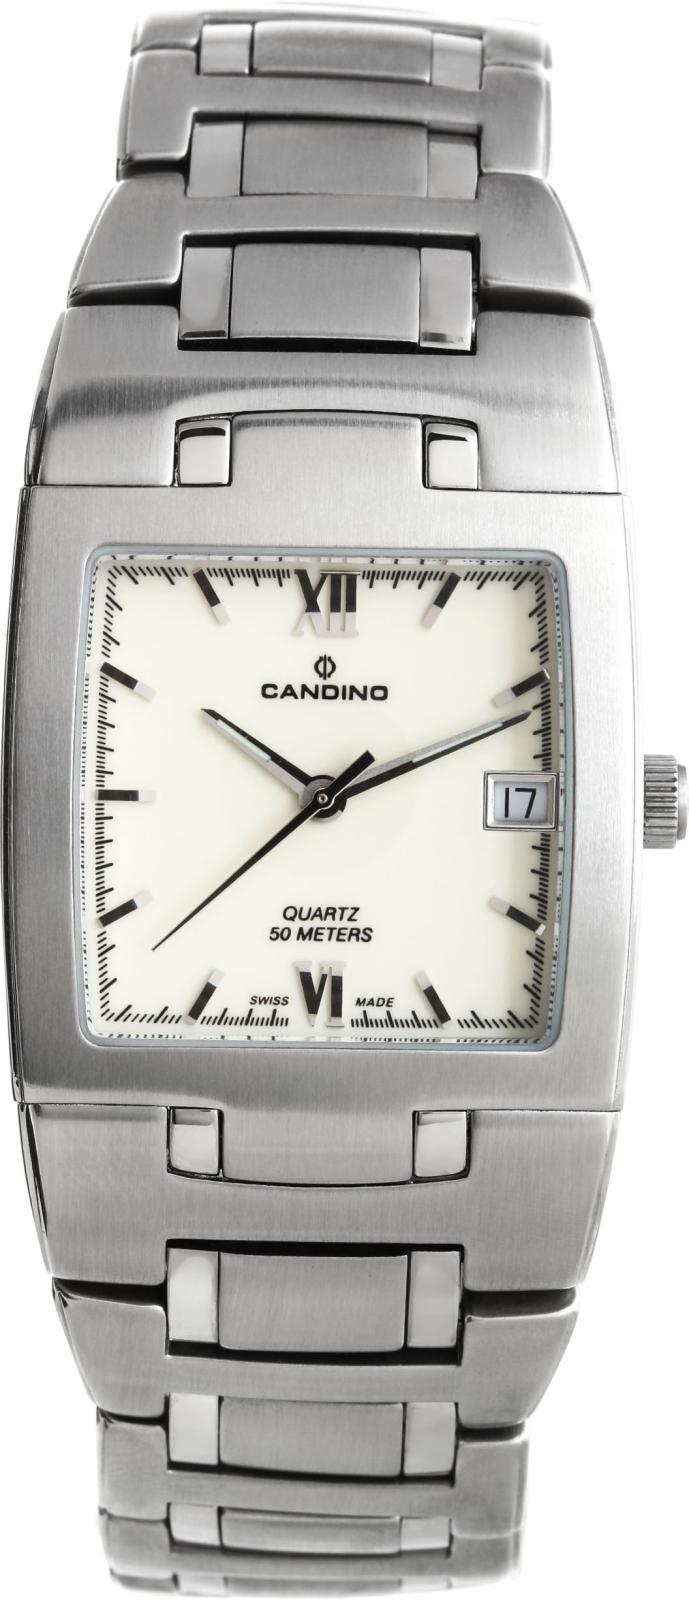 Candino Elegance C4154/2Наручные часы<br>Швейцарские часы Candino Elegance C4154/2<br><br>Пол: Мужские<br>Страна-производитель: Швейцария<br>Механизм: Кварцевый<br>Материал корпуса: Сталь<br>Материал ремня/браслета: Сталь<br>Водозащита, диапазон: 20 - 100 м<br>Стекло: Минеральное<br>Толщина корпуса: None<br>Стиль: Классика